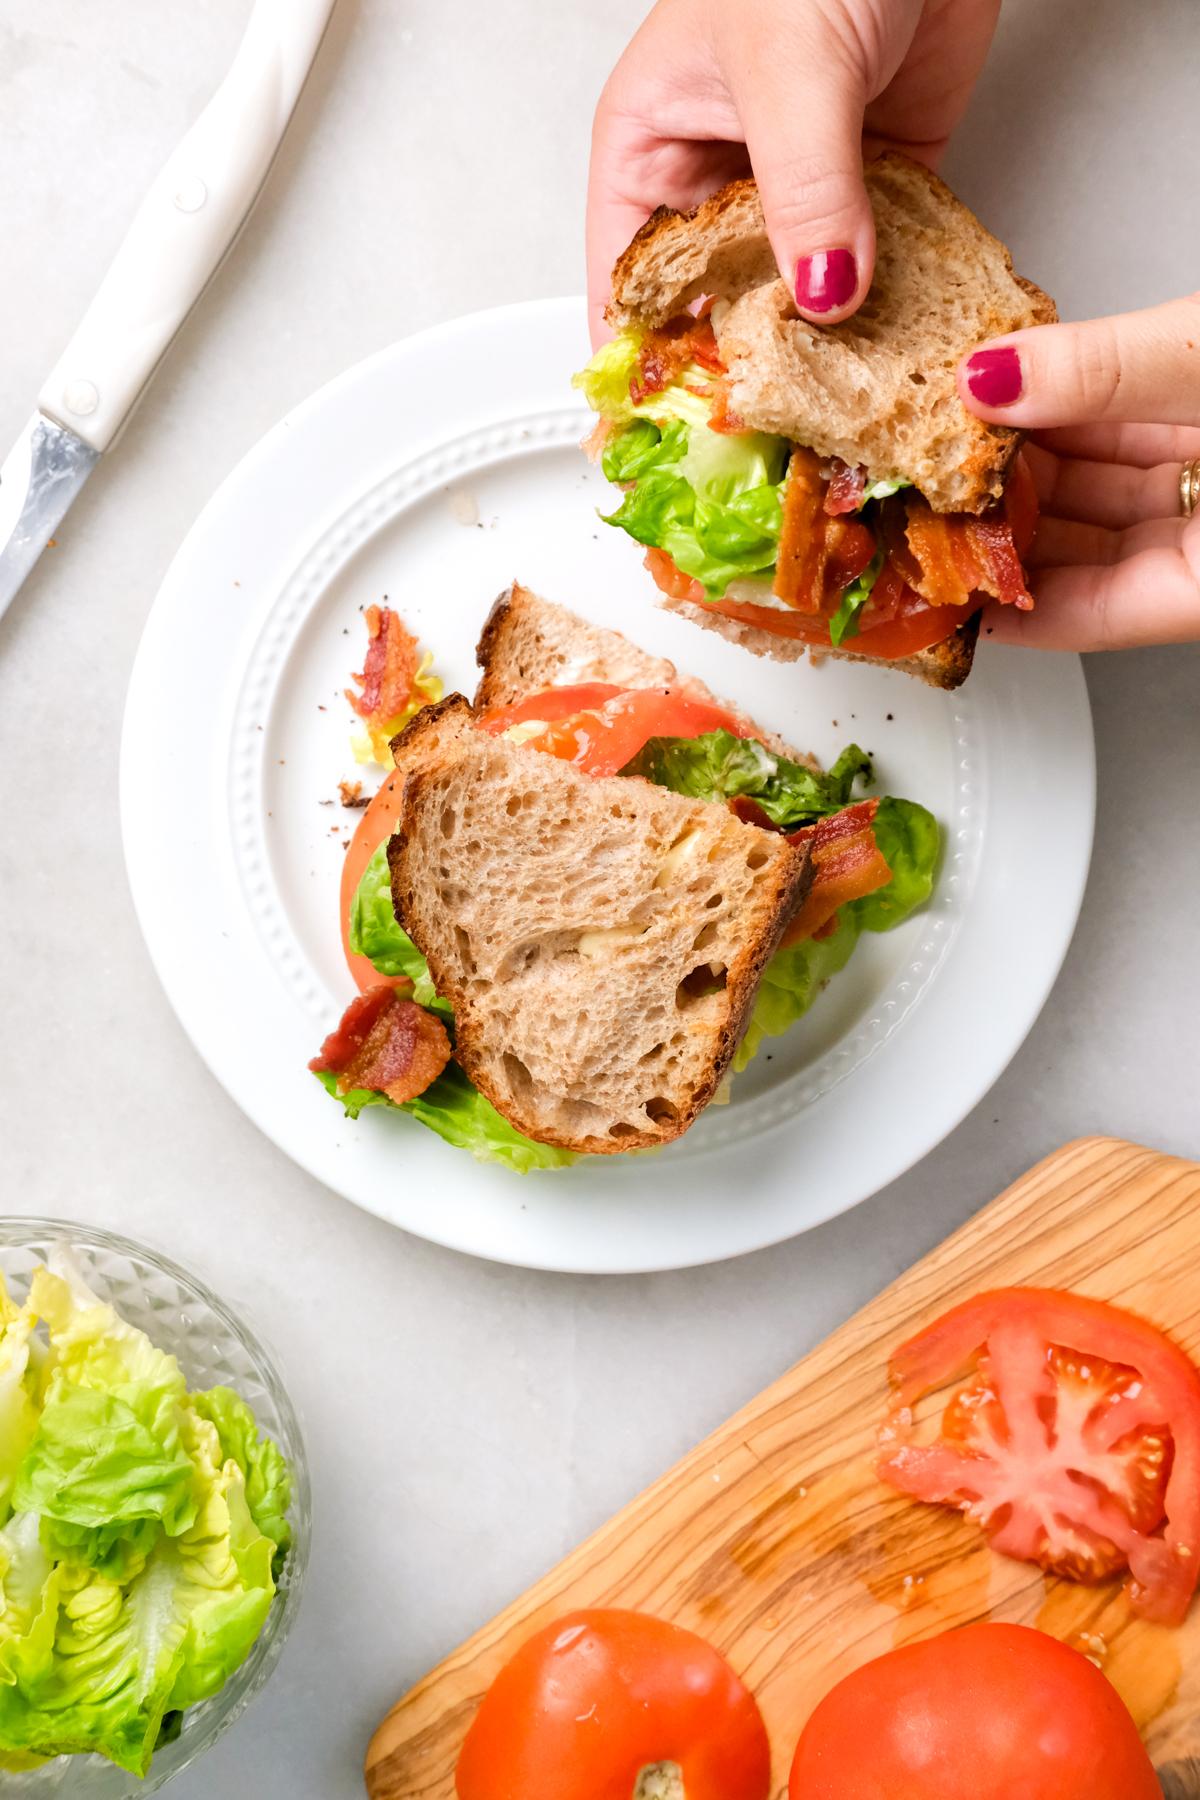 grabbing half of a BLT sandwich off a plate